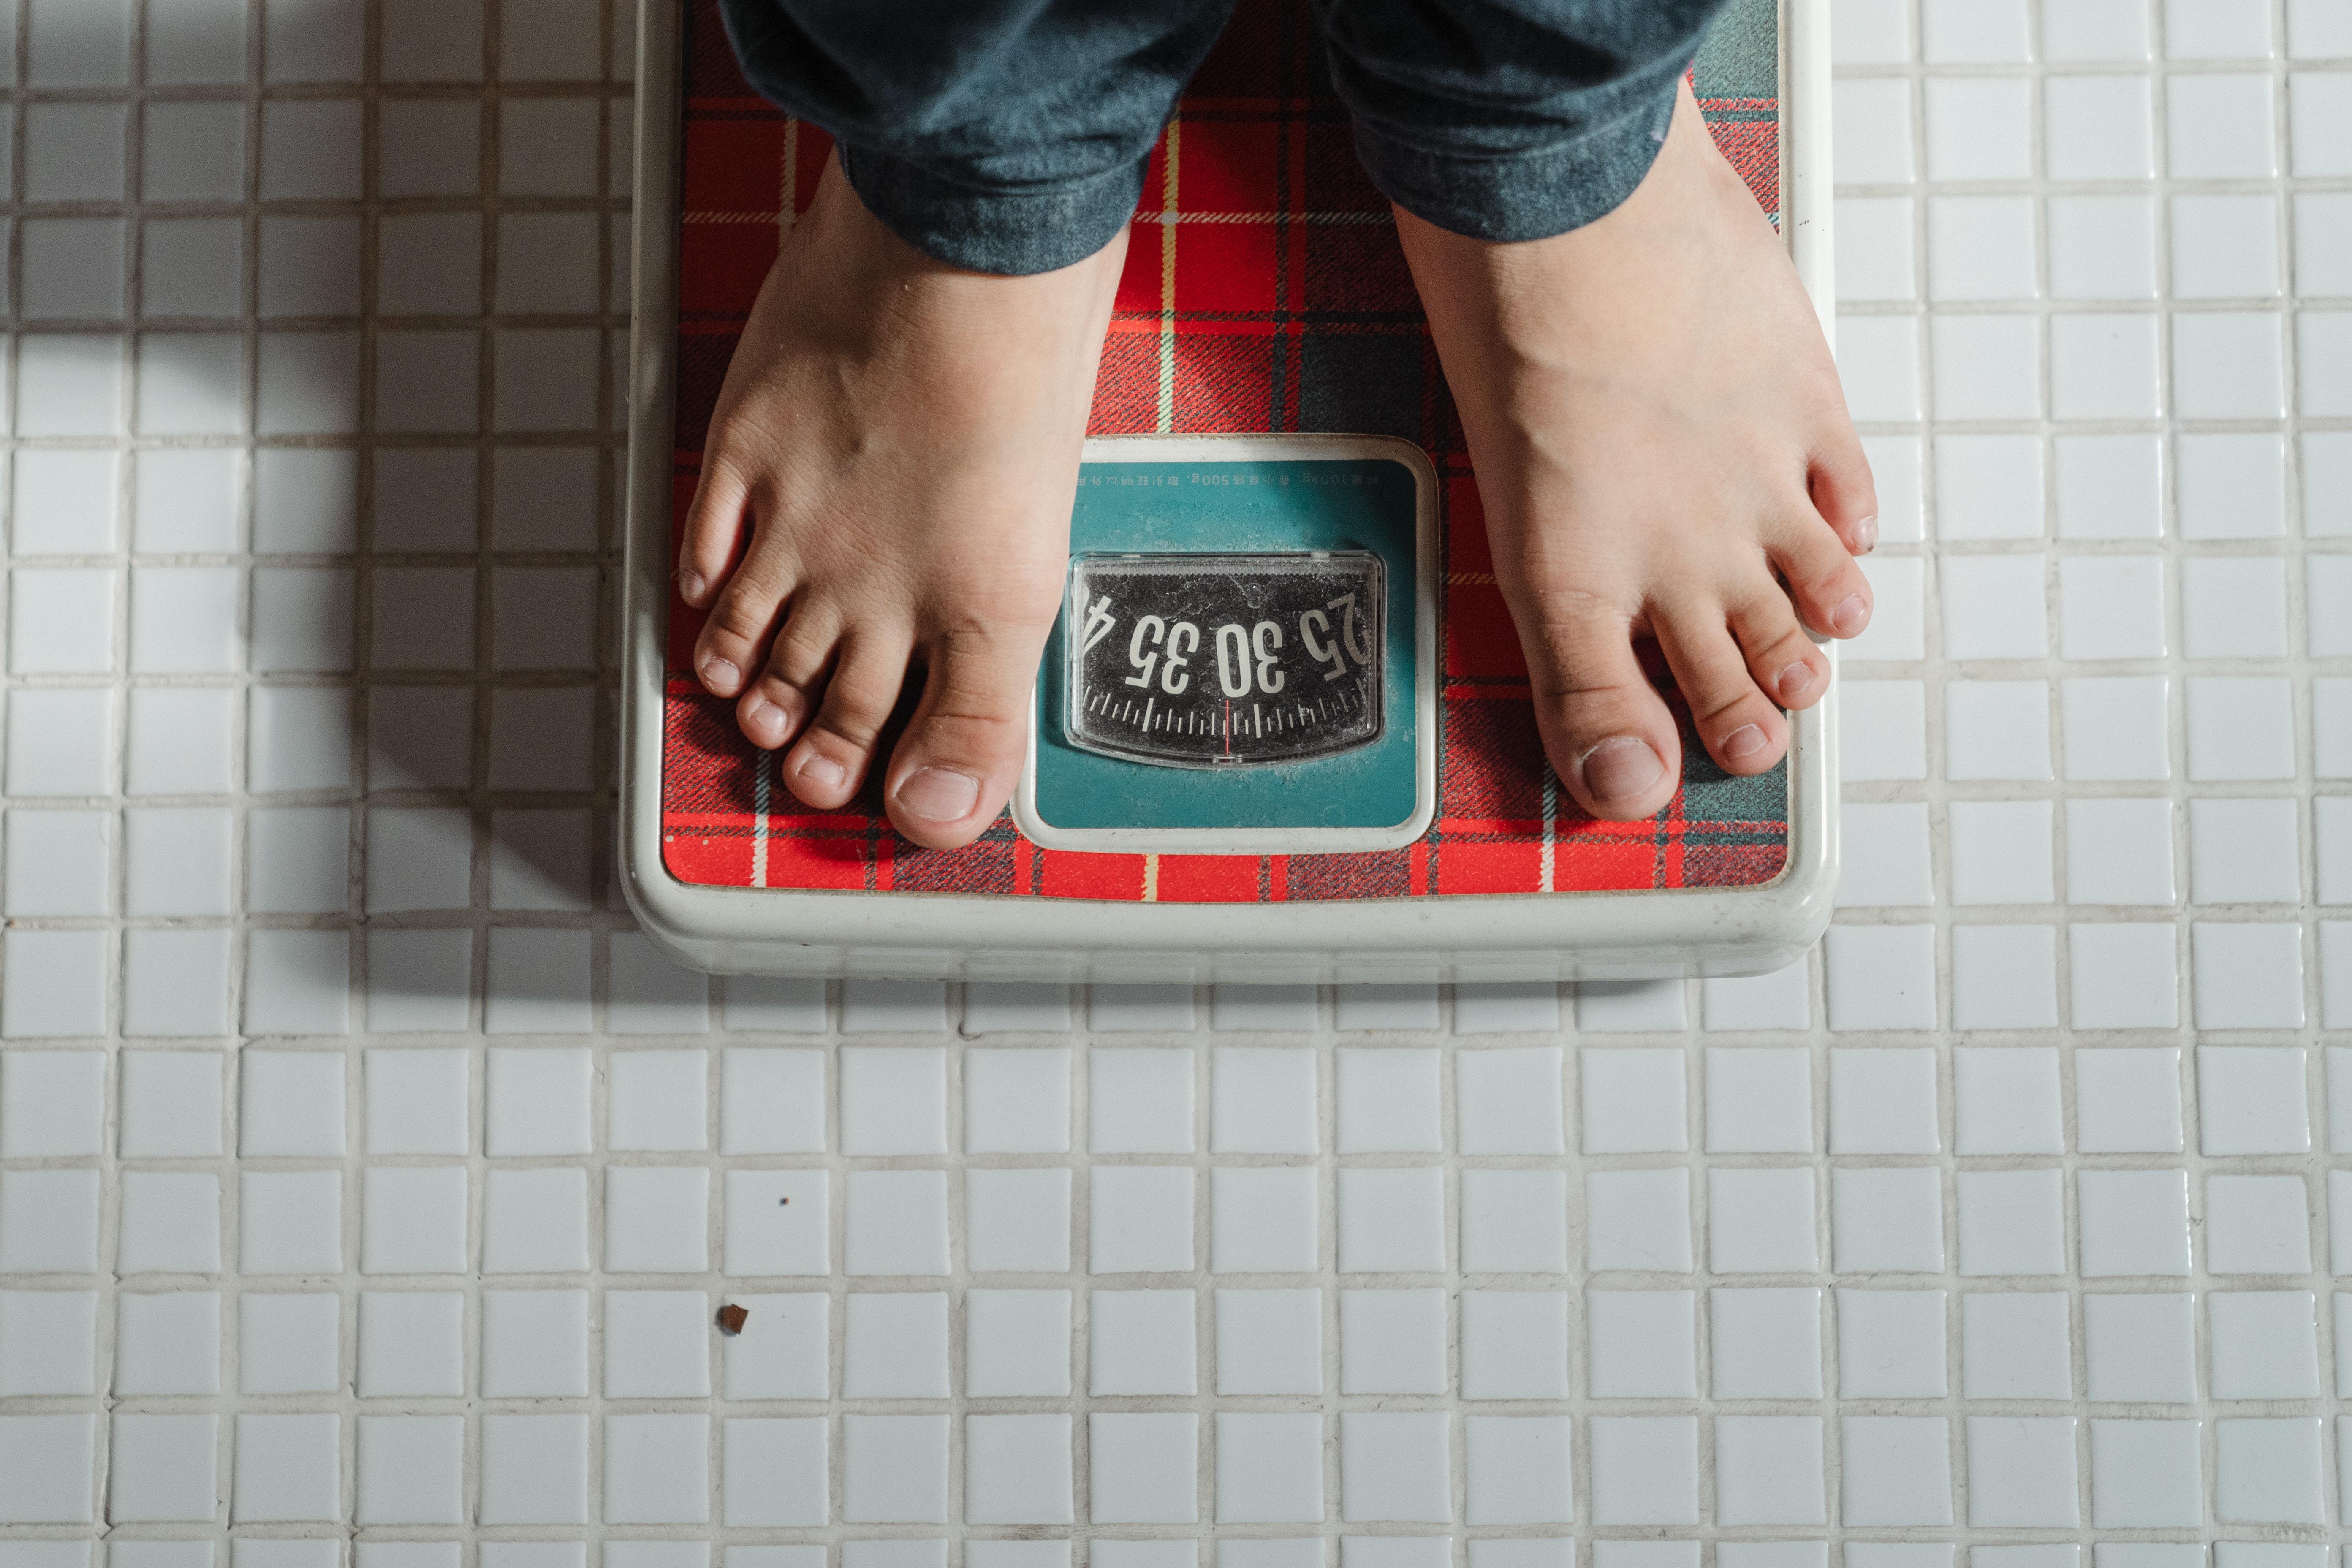 वजन प्रबंधन में लाभकारी प्रोबायोटिक फूड